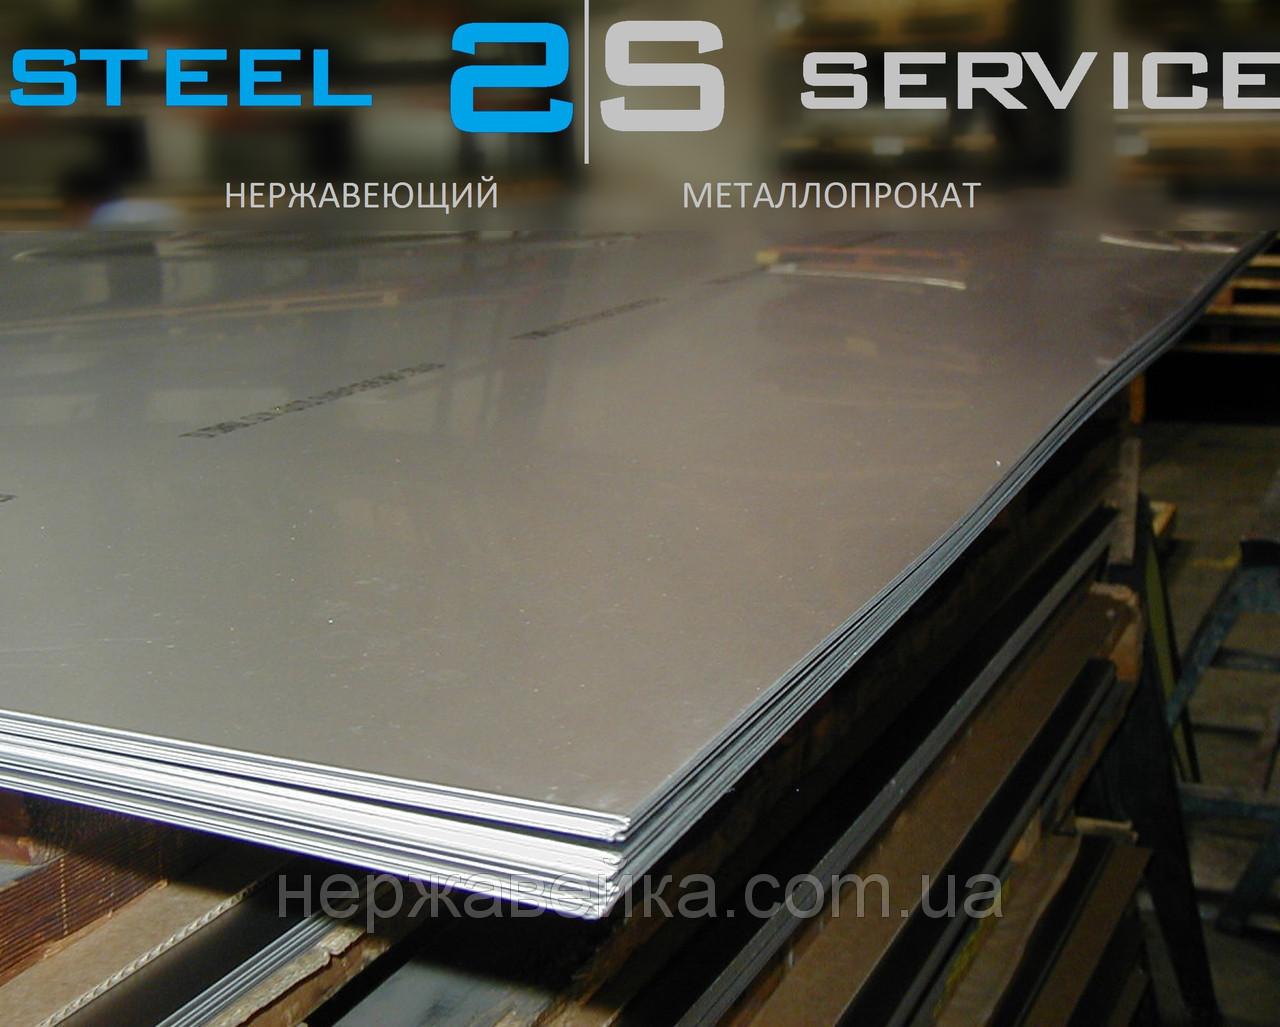 Нержавеющий лист 35х1500х6000мм  AISI 304(08Х18Н10) F1 - горячекатанный,  пищевой